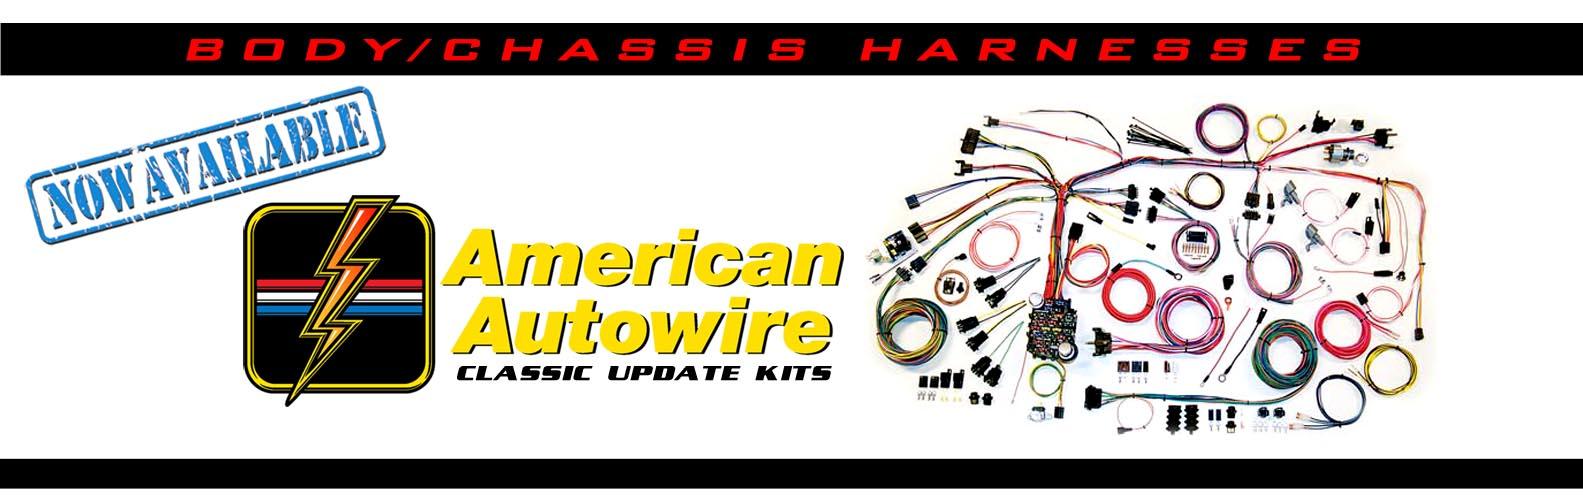 PSI | Standalone Wiring Harness | LS Wiring | LS Wirng Harness | LSX Harness  | LSX Swap Harness | LS | LSX | LS1 | LS2 | LS3 | LS7 | LSA | LS9 | LT1 |  Vortec | 58X | 24X | Swap | Conversion | Psi Wiring Harness 68 Camaro |  | www.psiconversion.com